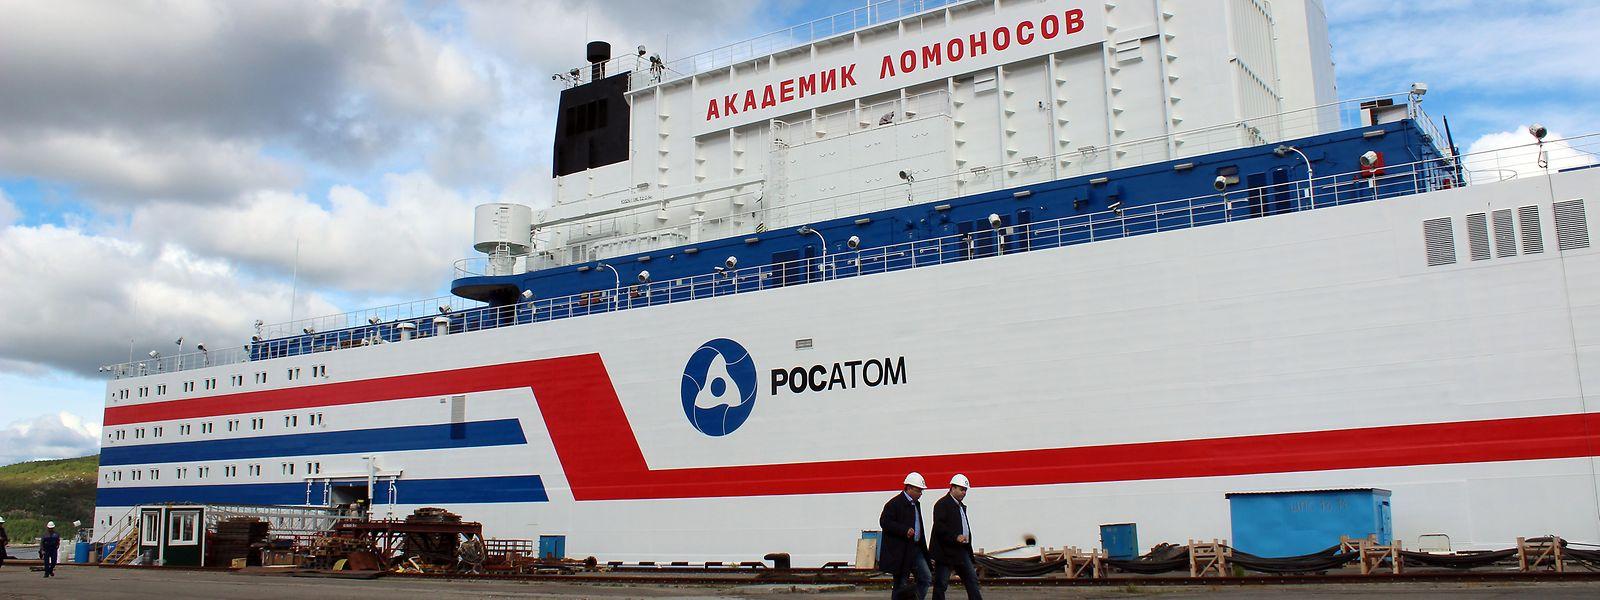 Das erste schwimmende Atomkraftwerk mit dem Namen Akademik Lomonossow liegt am in einem Hafen in der Stadt Murmansk. Moskau investiert immer mehr in Atomenergie. So soll das erste schwimmende Akw bald eine abgelegene Stadt in Sibirien mit Strom versorgen.